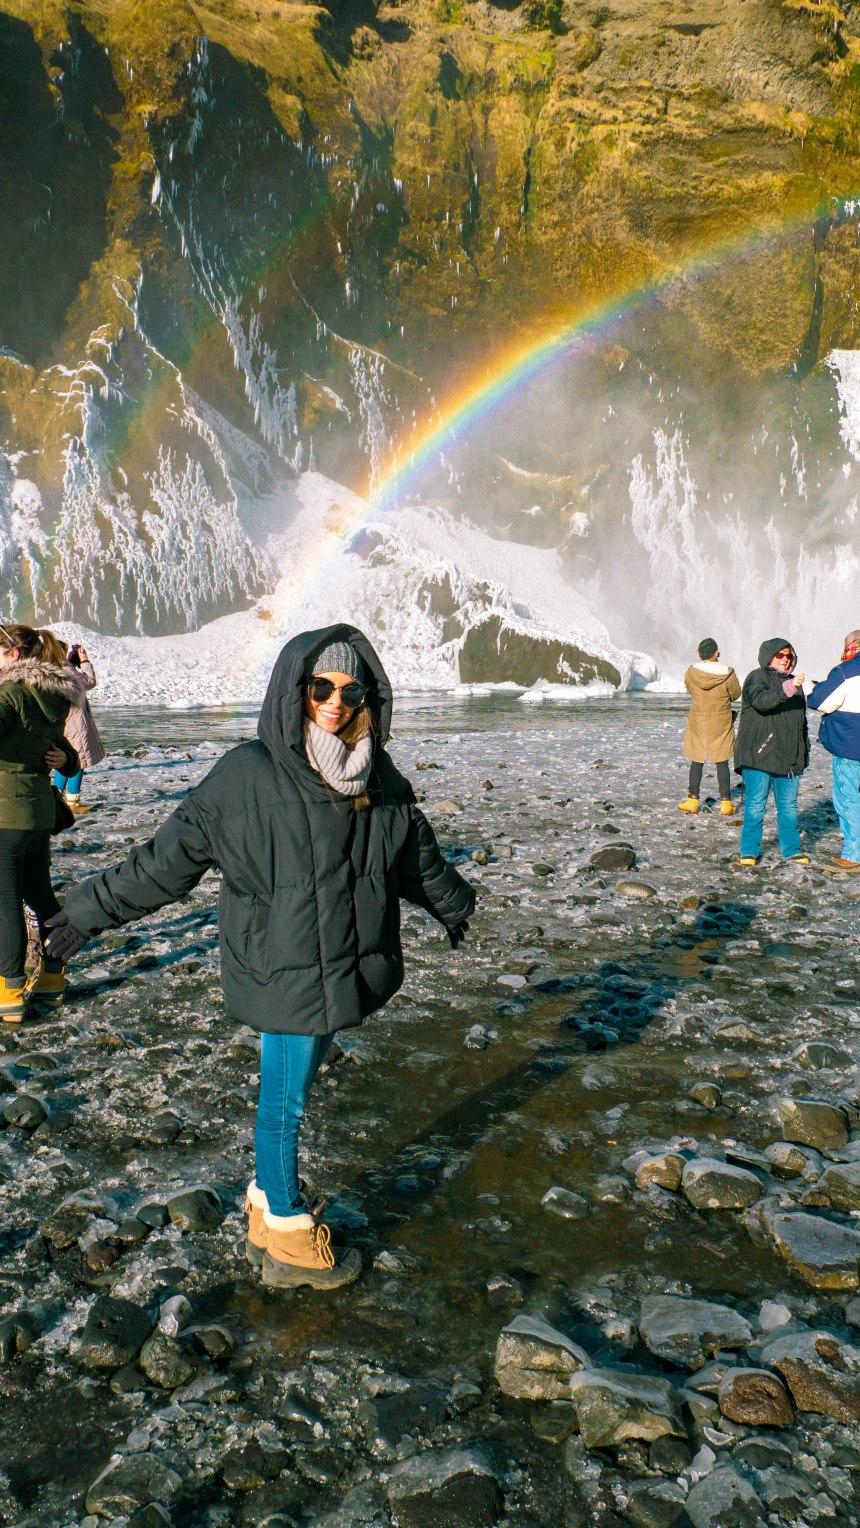 Andrea rainbow